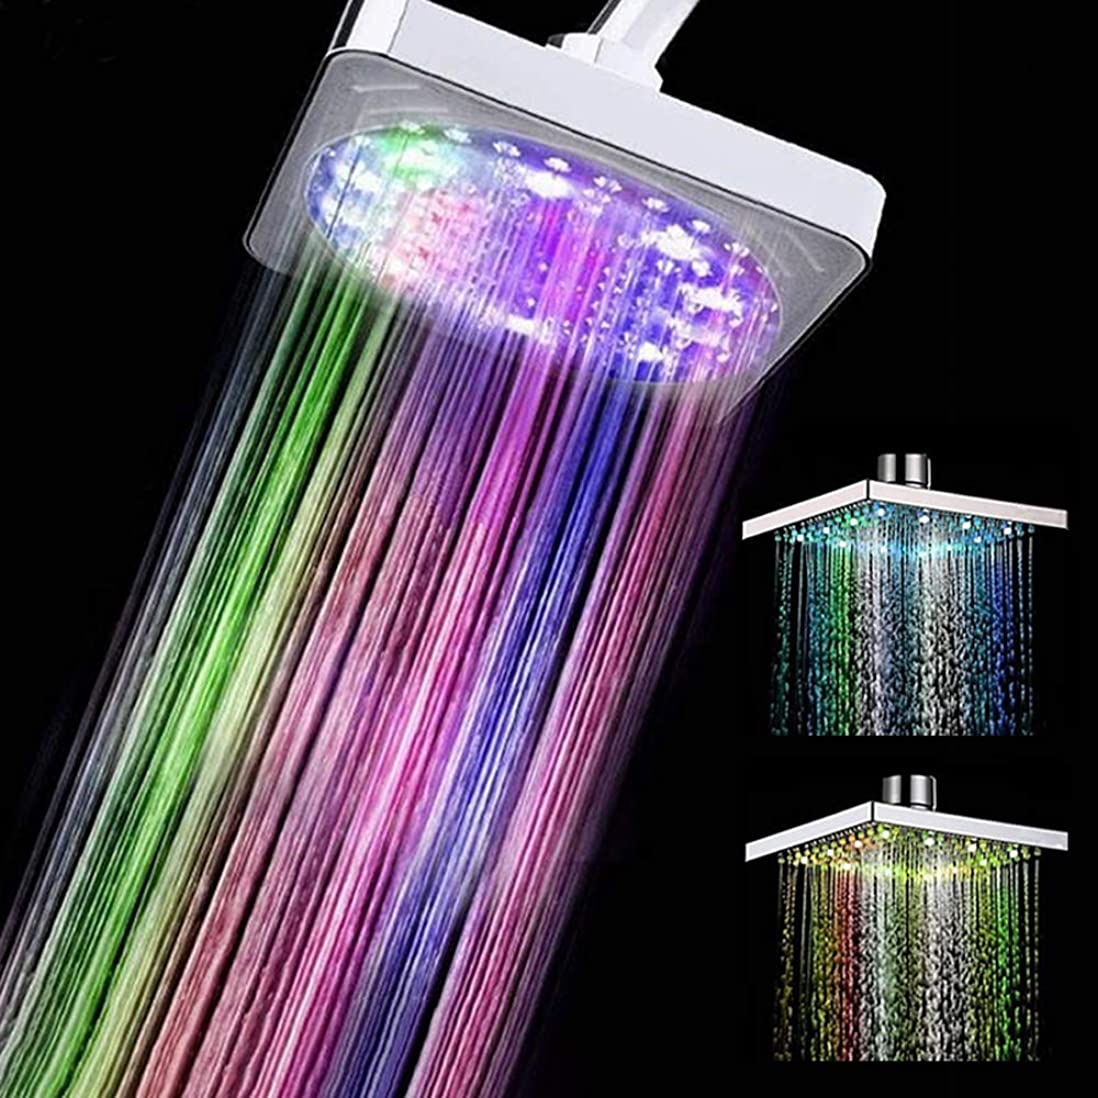 コーナークール資料多彩なLEDの正方形の降雨量のシャワー?ヘッドsparyライト水スプリンクラーの浴室の壁に取り付けられた浴室はシャワーヘッドを導きました